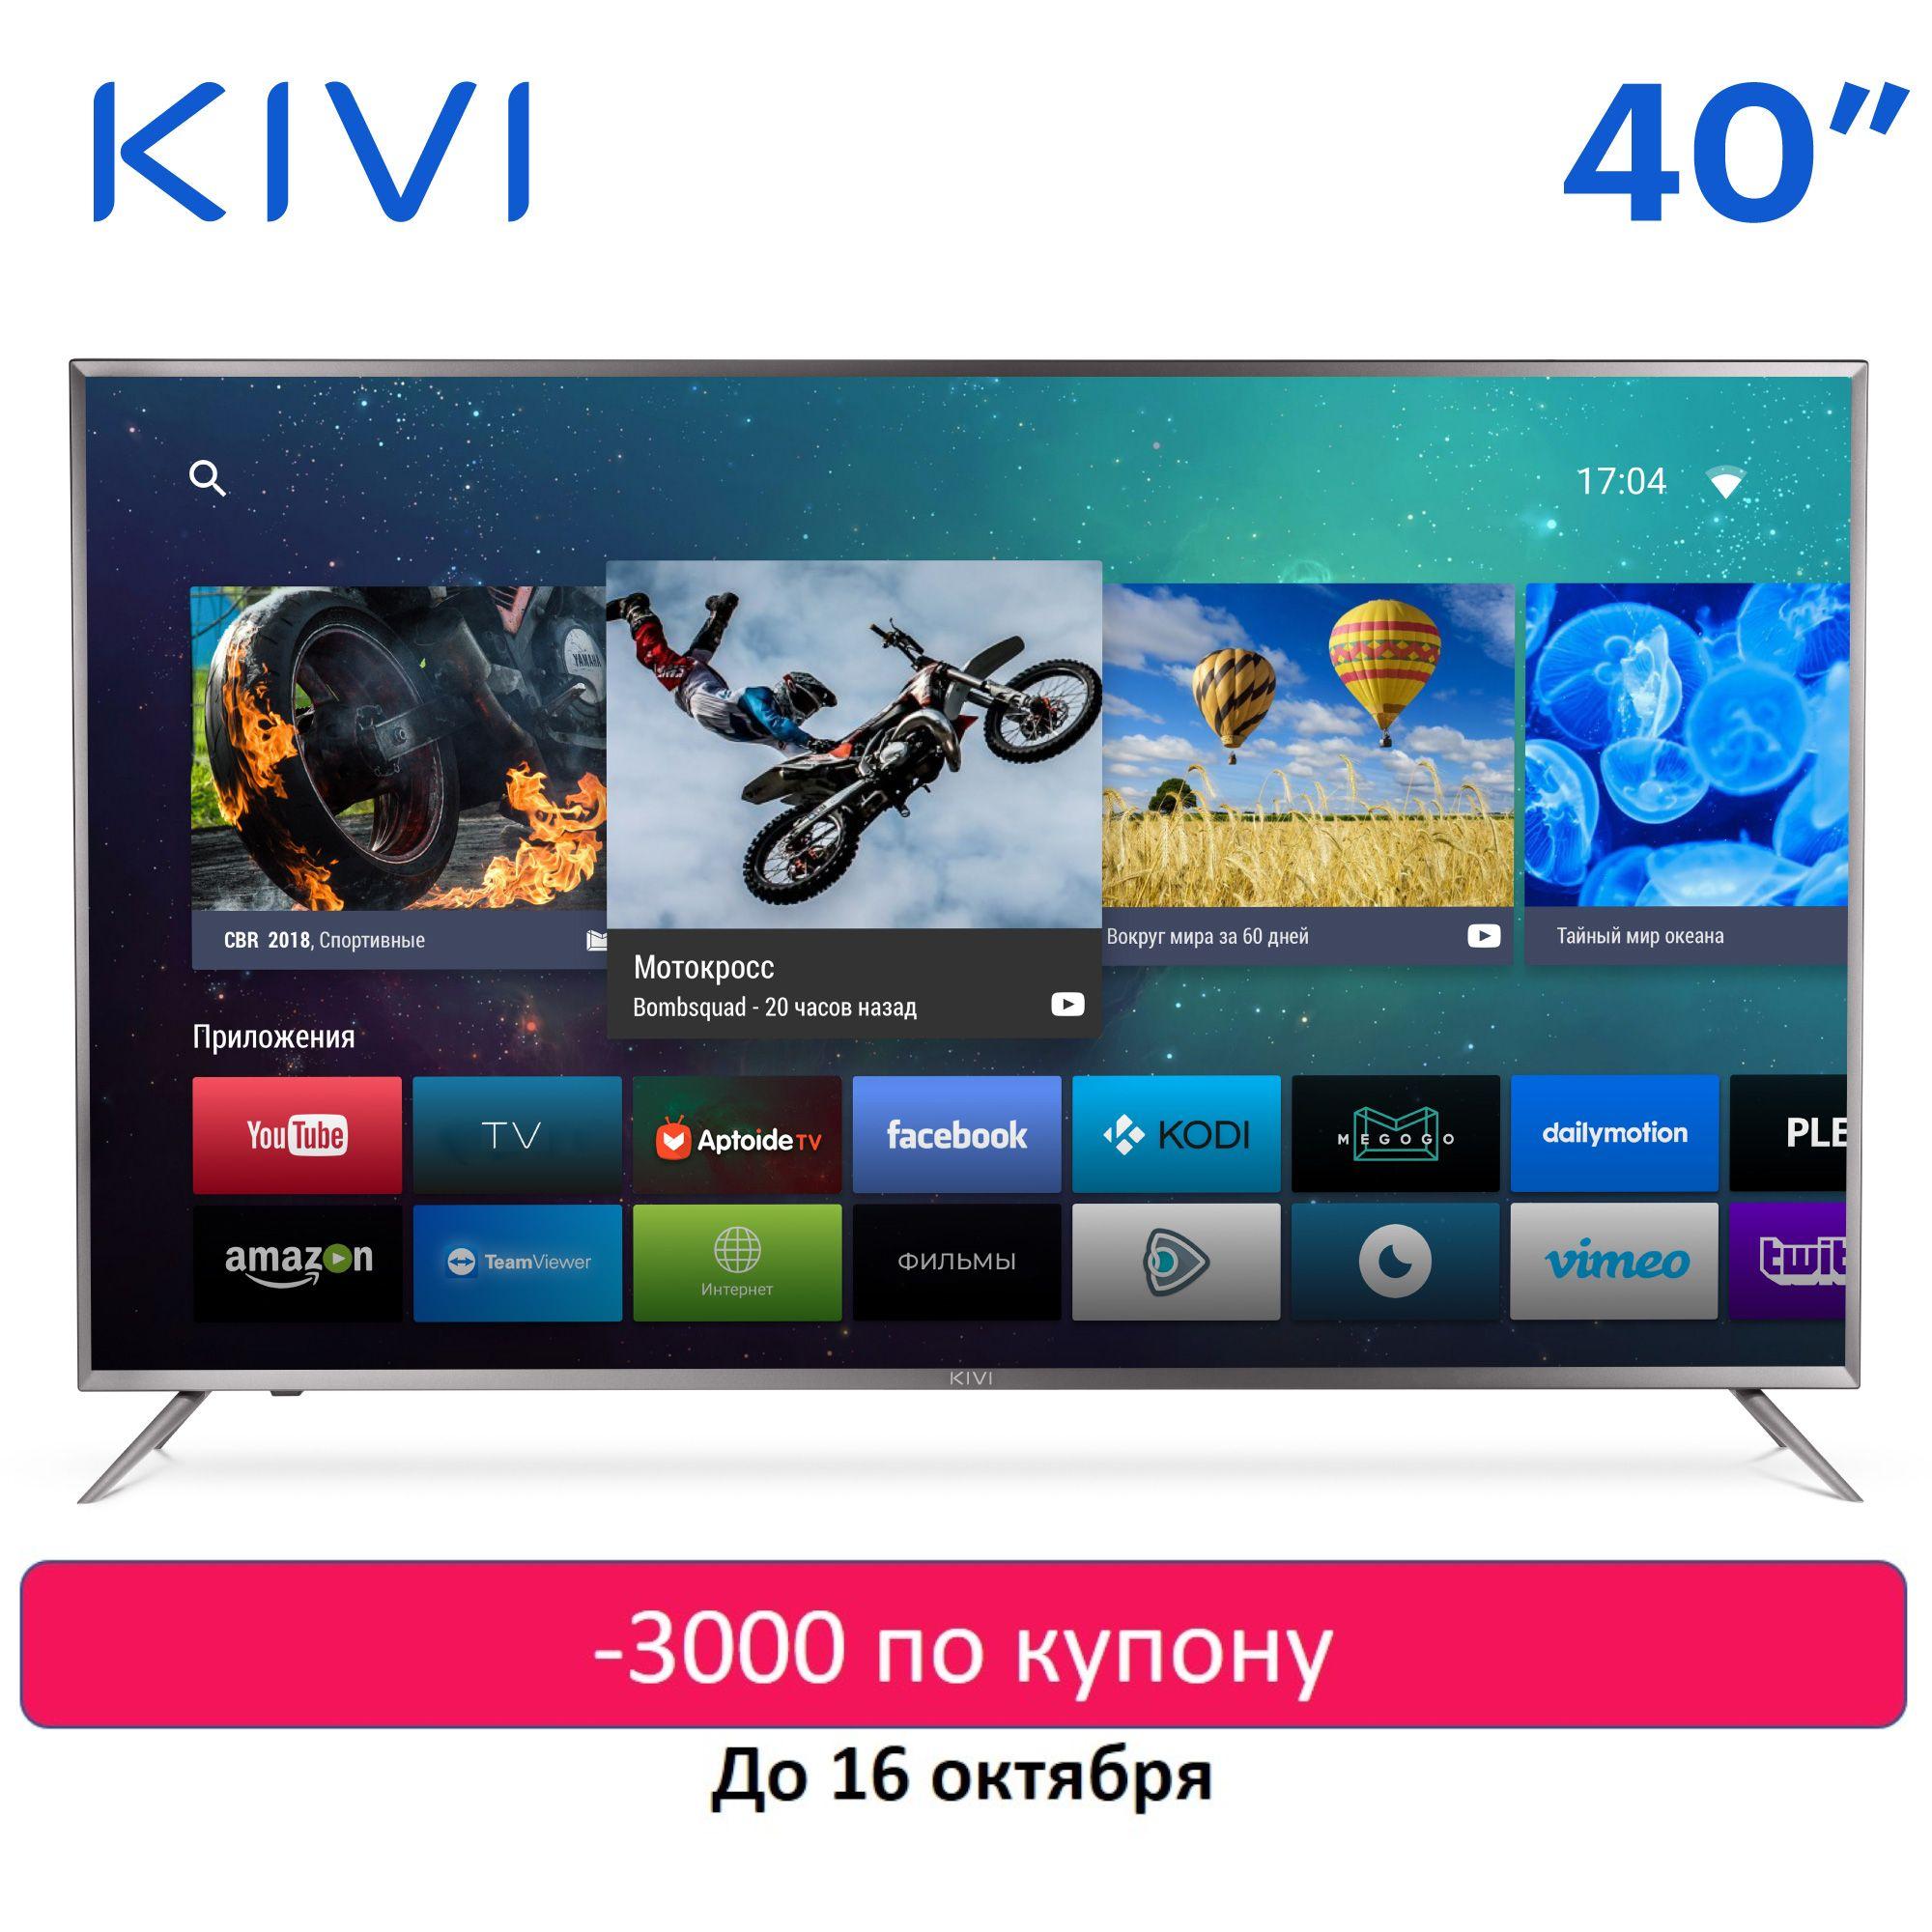 LED Fernsehen KIVI 40UR50GR UHD 4k Smart TV Android HDR digitale dvb dvb-t dvb-t2 40inchTv